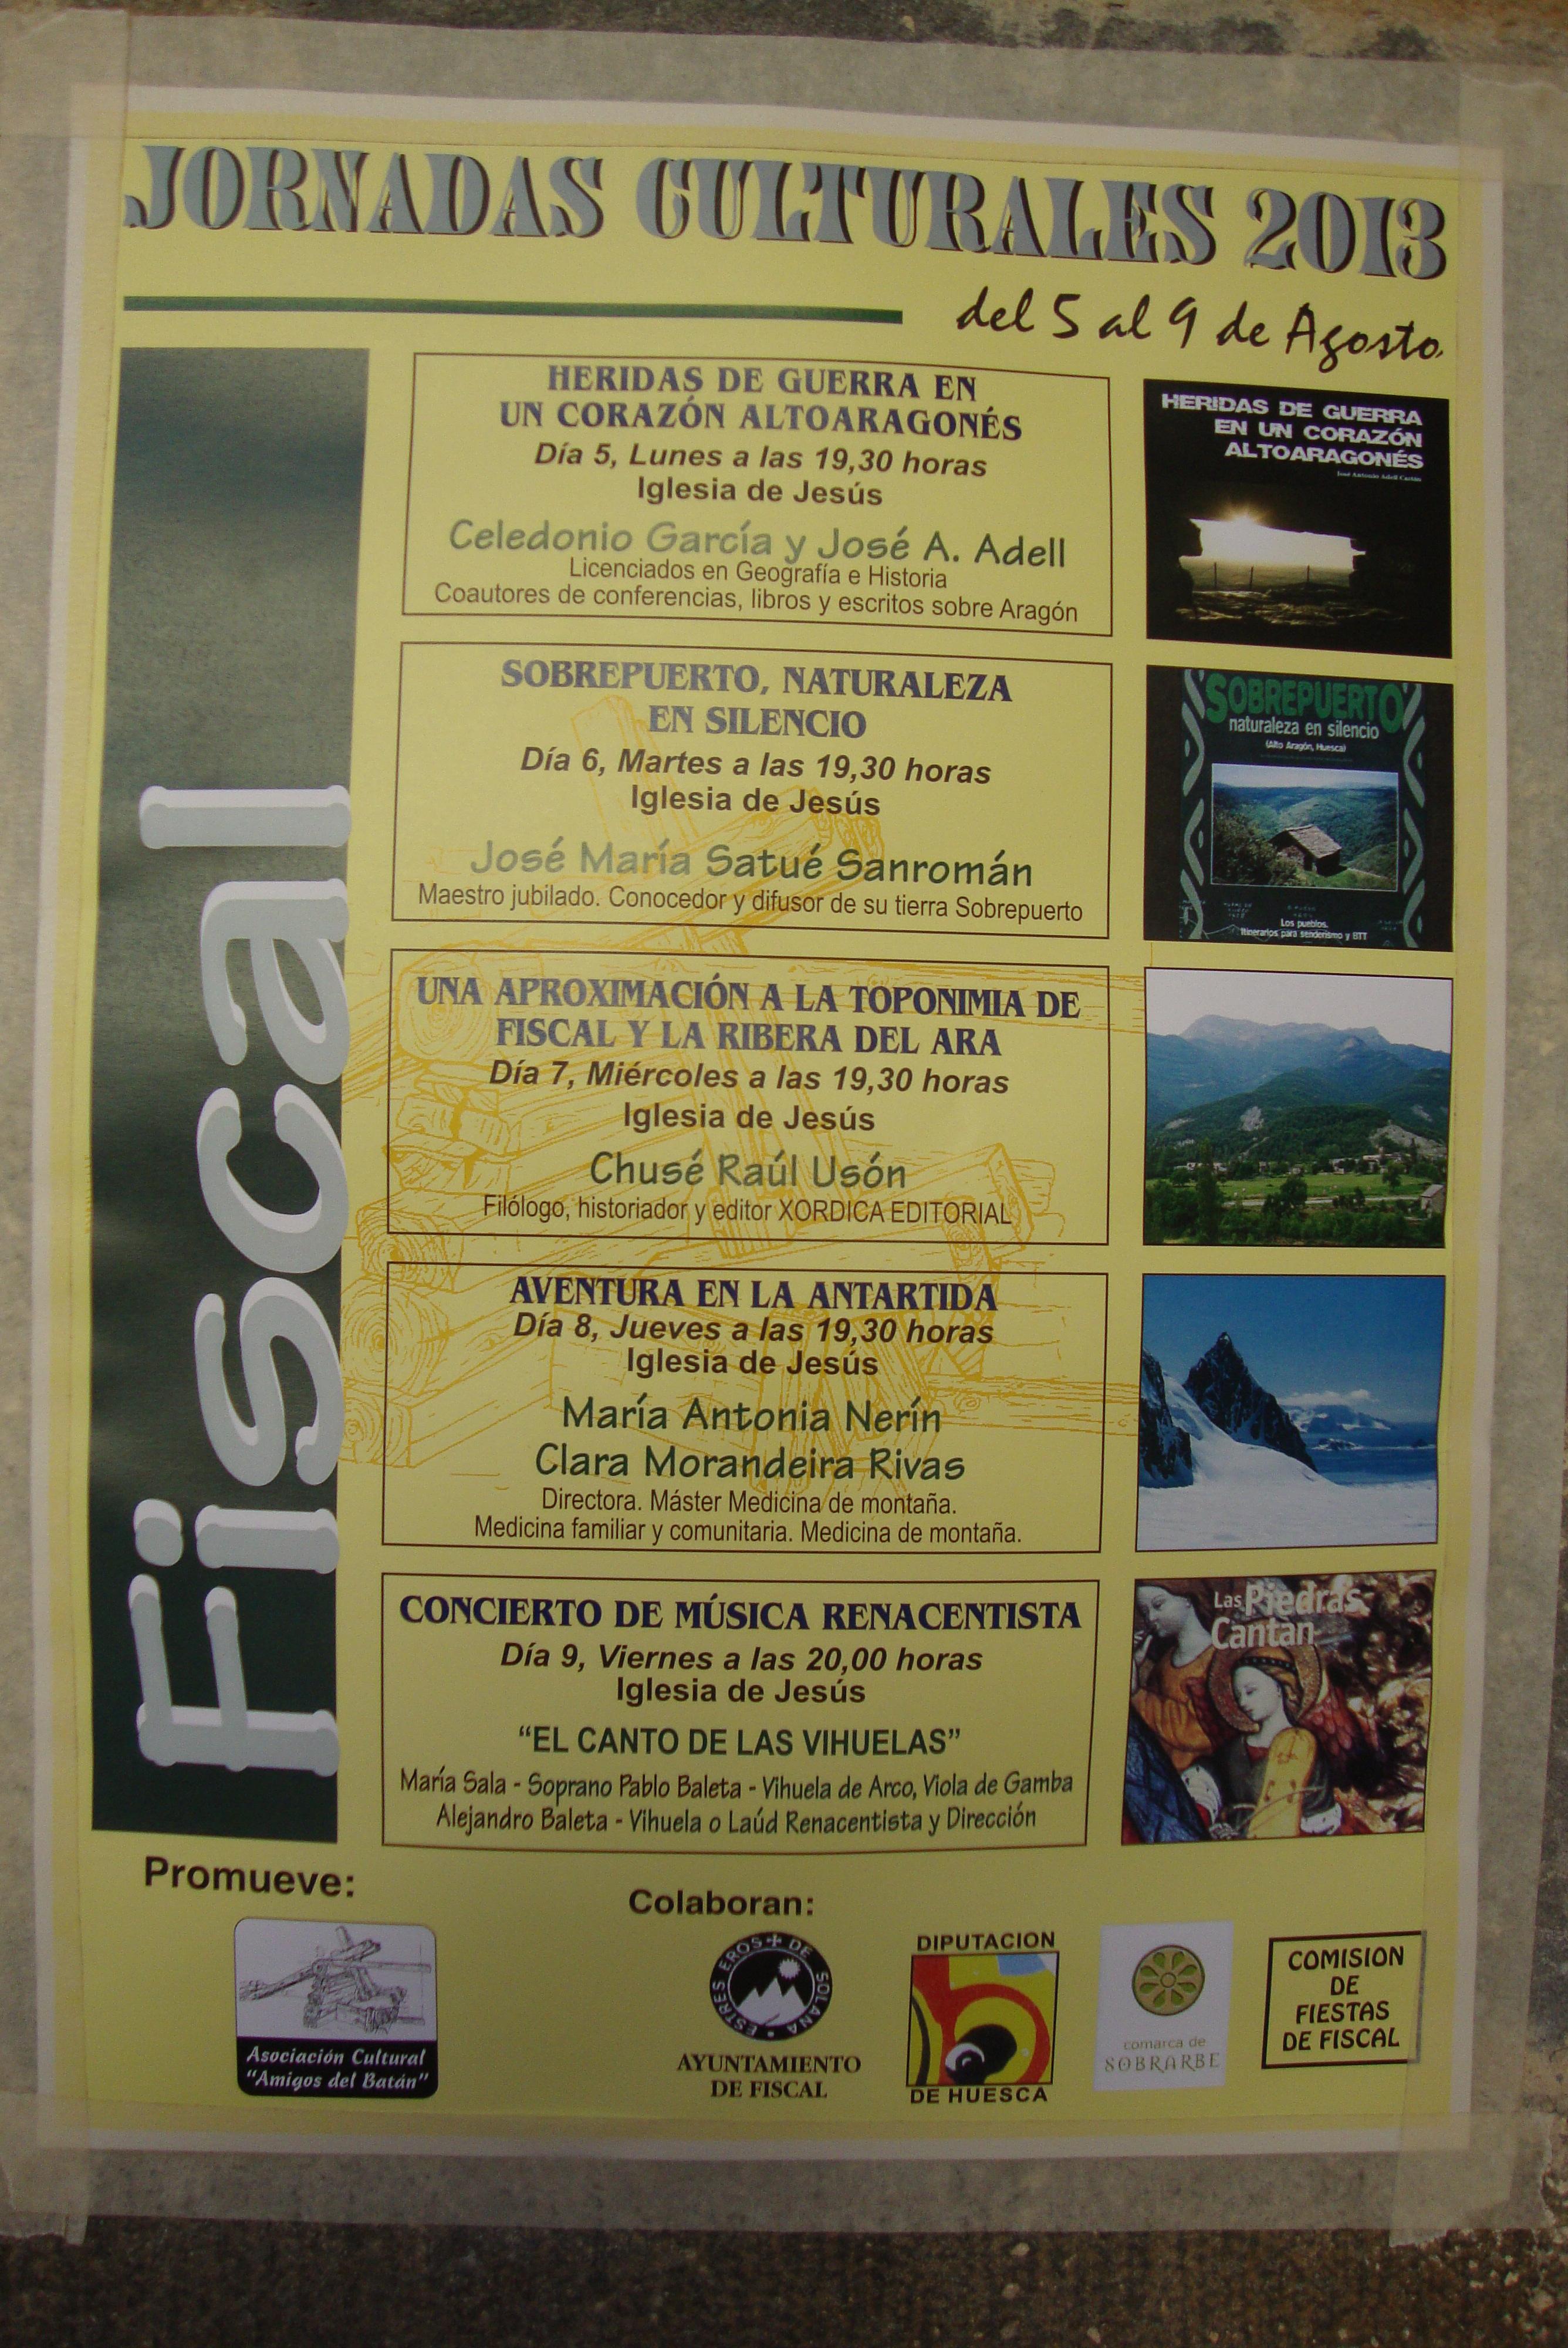 Jornadas culturales de Fiscal 2013. 09/08/2013